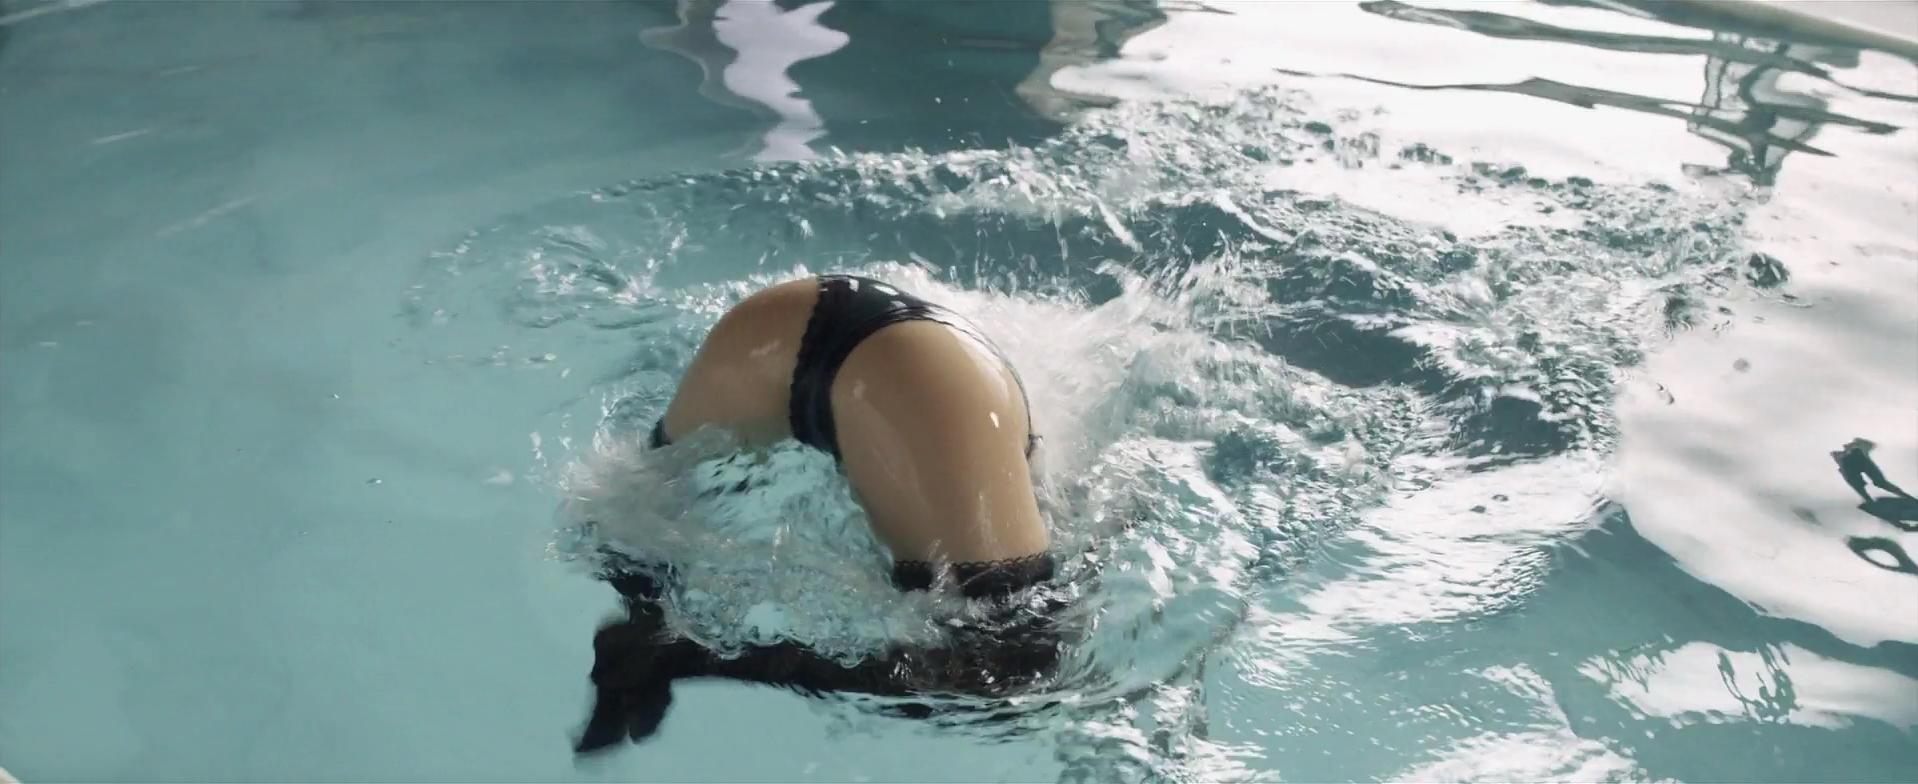 Sara Forestier nude - L'amour est un crime parfait (2013)